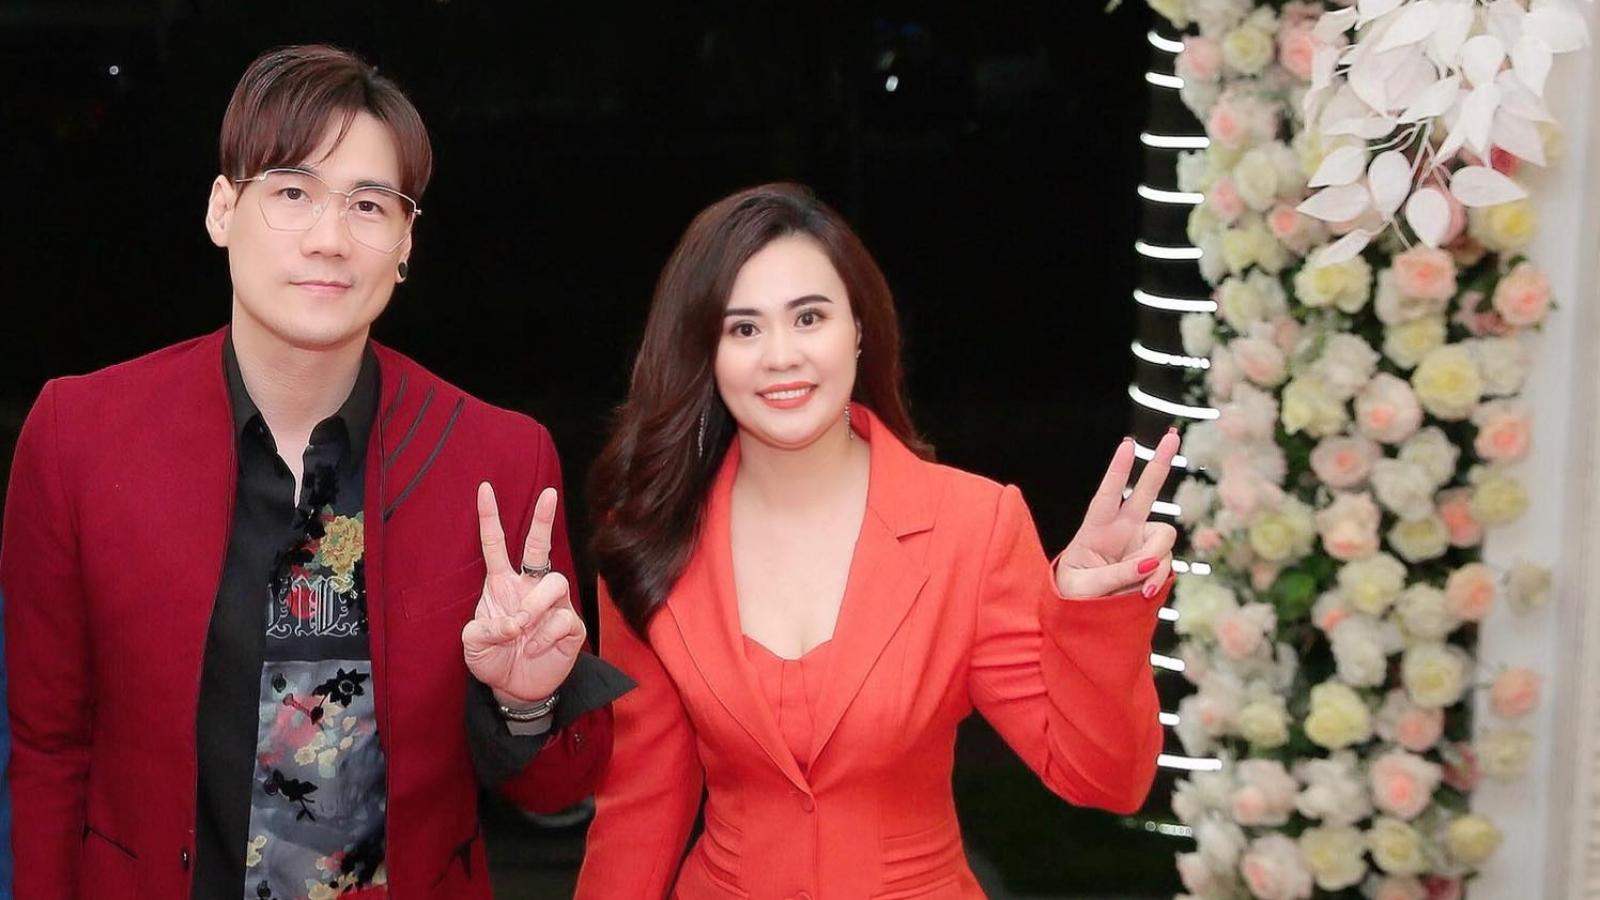 Ca sĩ Khánh Phương bất ngờ tặng hoa cho diễn viên Phan Kim Oanh